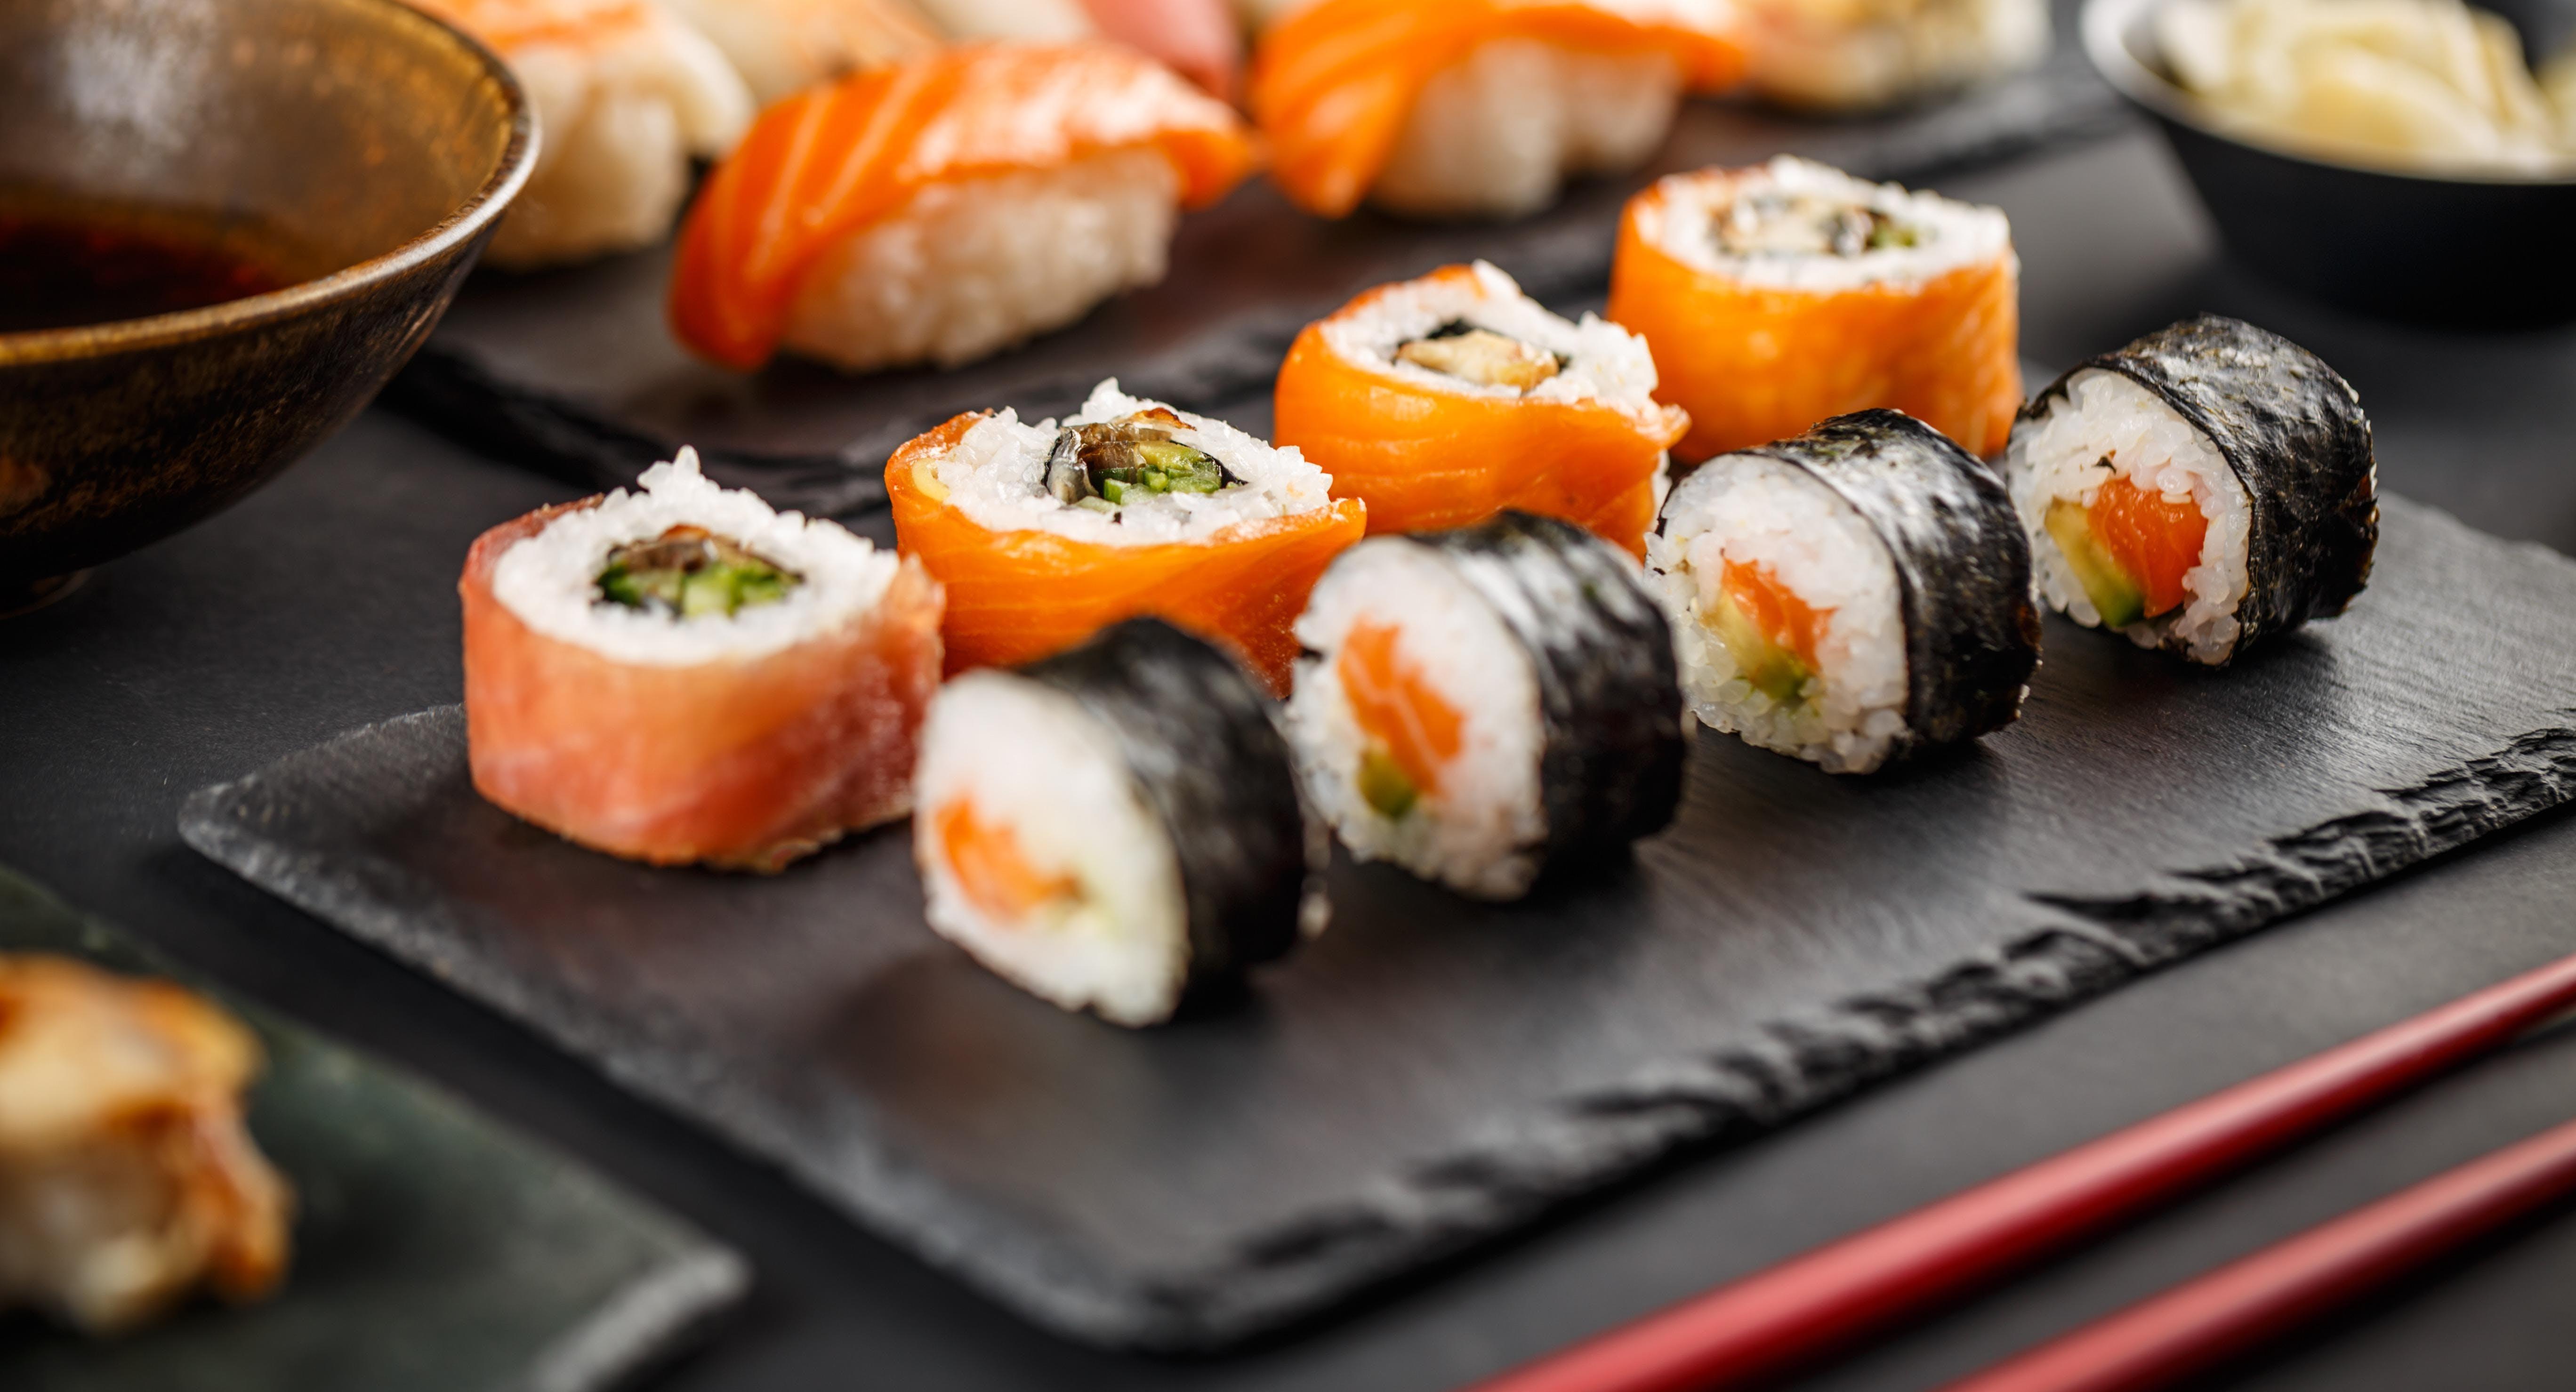 Amdo Sushi & Grill